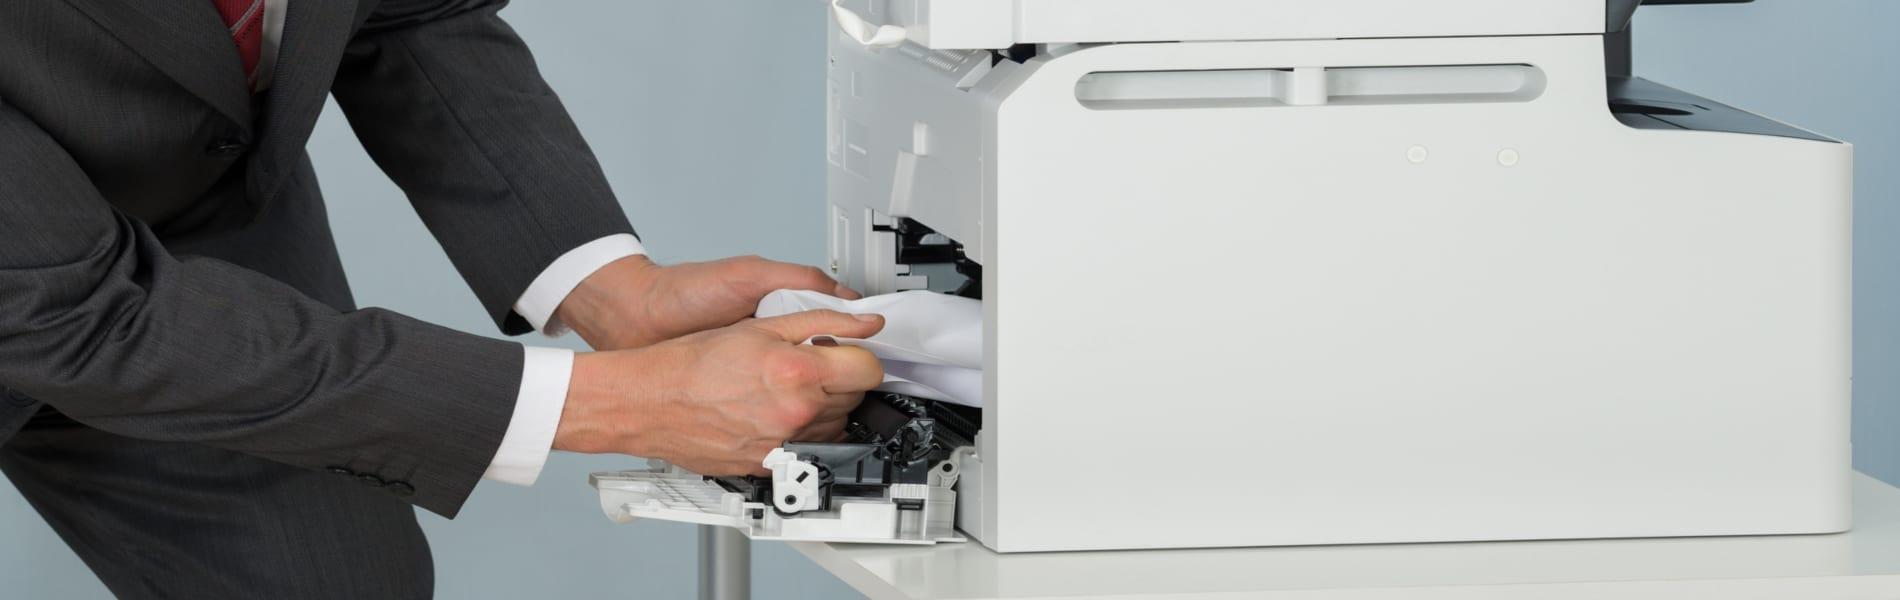 Die Behebung von einem Papierstau kostet nicht nur viel Zeit und Nerven, sondern auch noch viel Geld